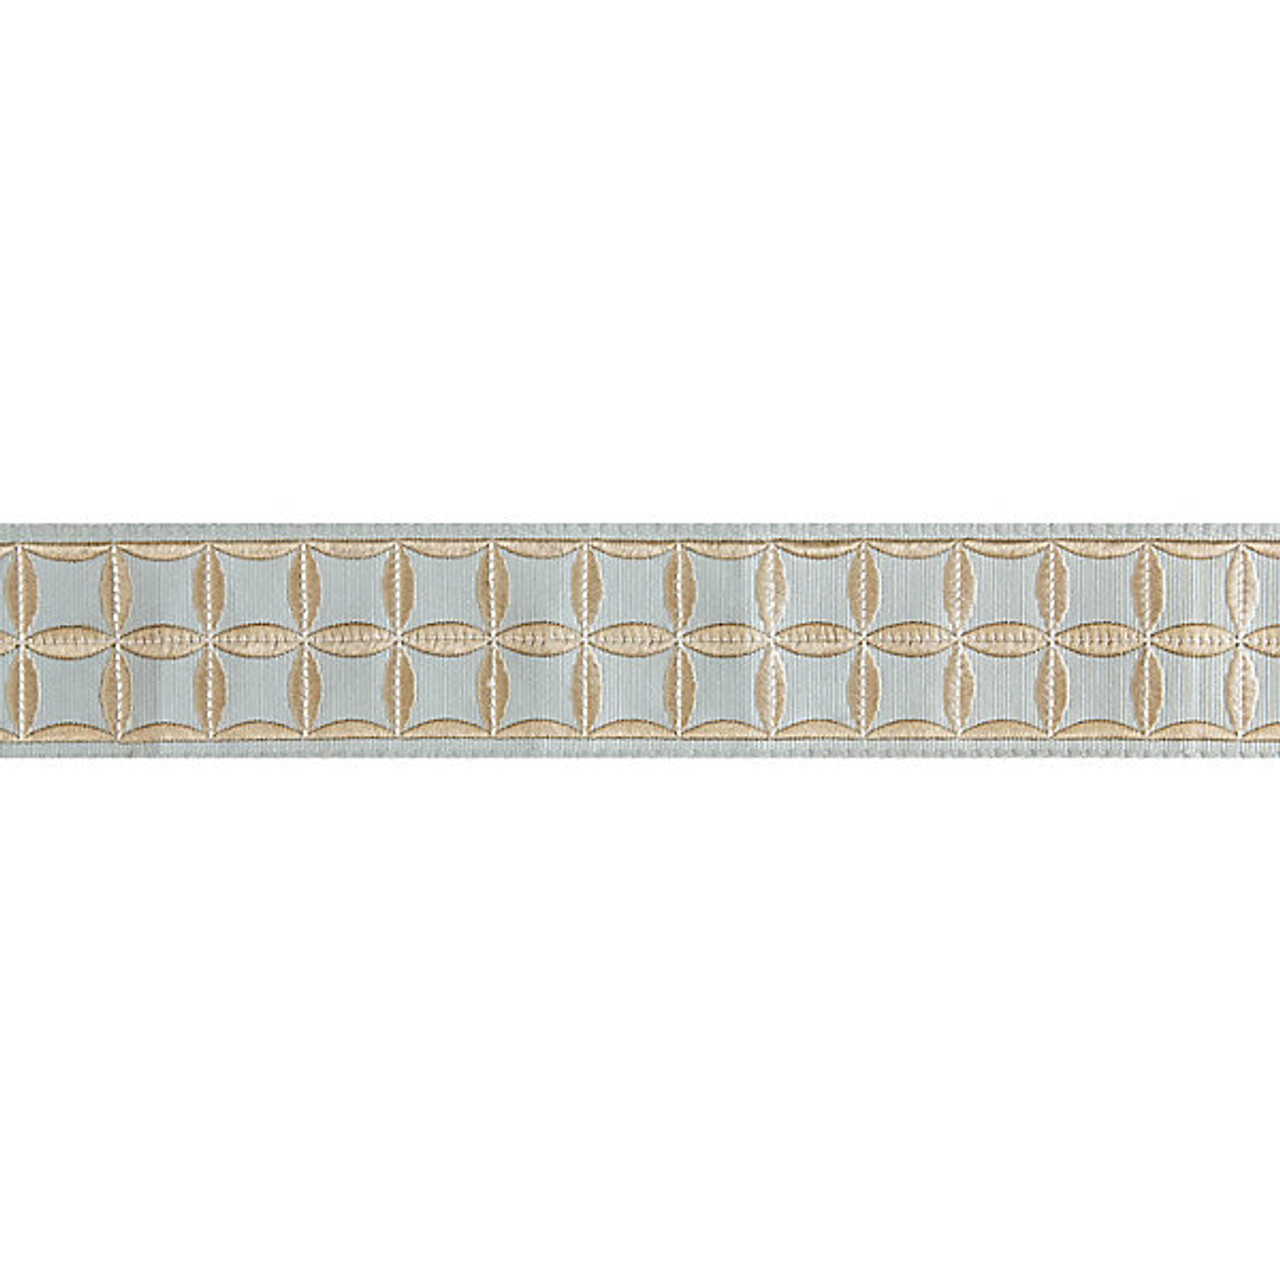 Fiori 66.Fiori Embroidered Tape Aquamarine T3288 004 By Scalamandre Trim